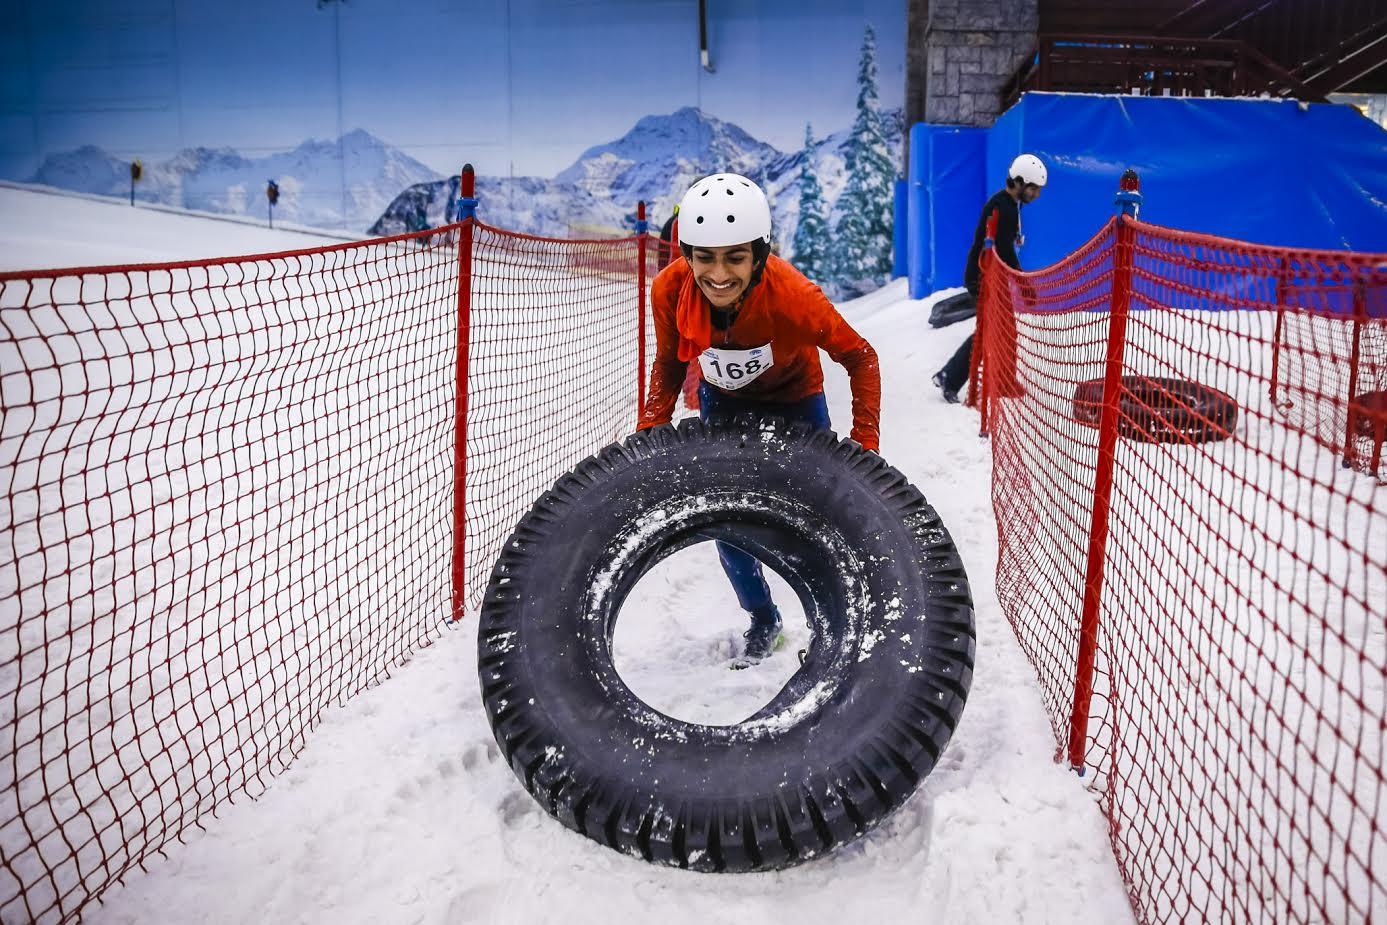 دبي تستضيف الحدث الخيري السنوي تحدّي محارب الجليد 2016